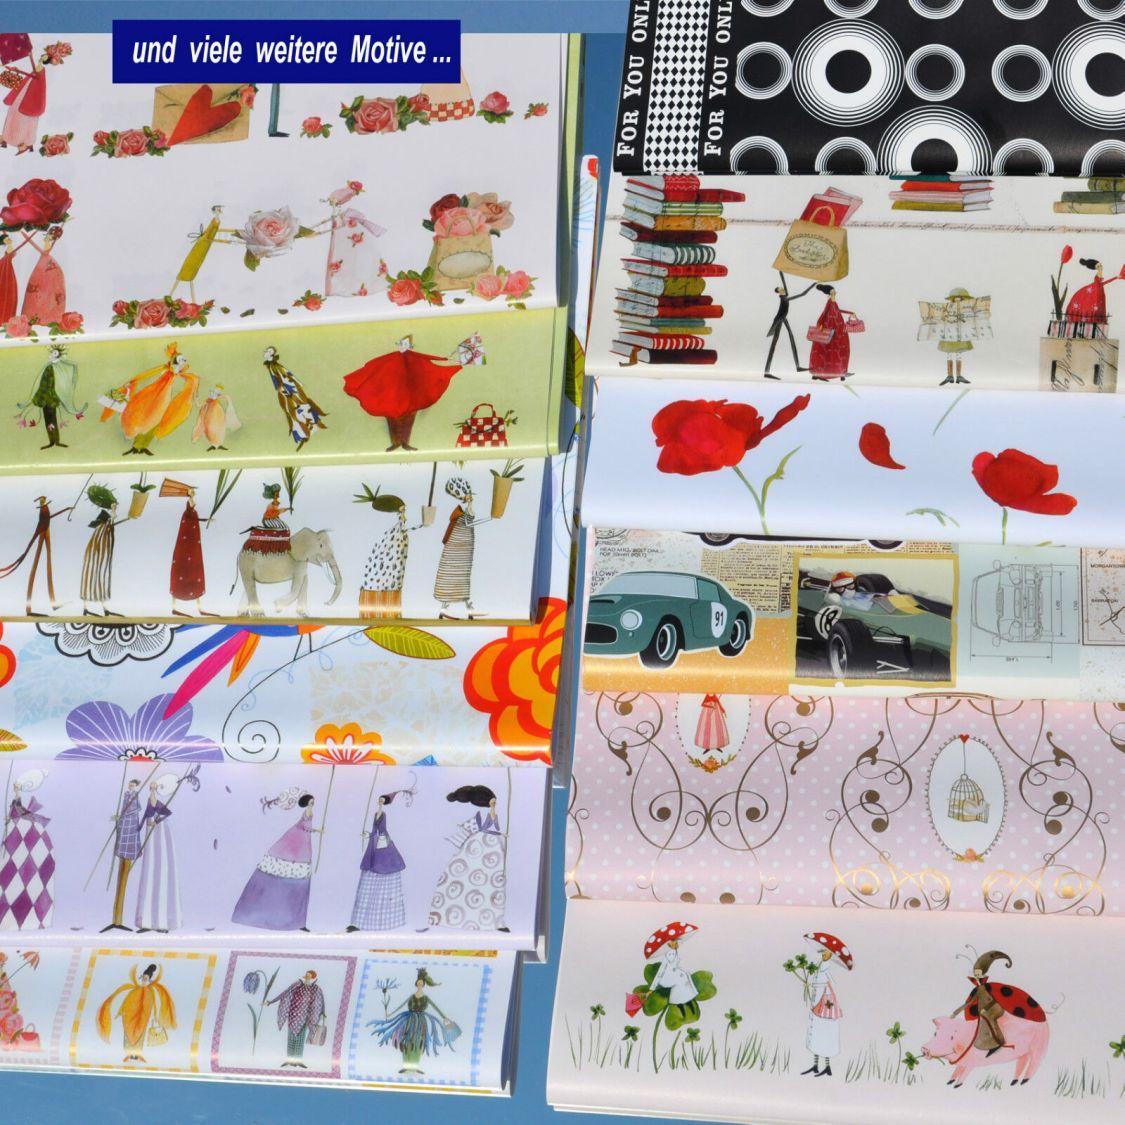 Geschenkpapier Bogen - Geburtstag, Glück, Blüten, Buch viele Motive zur Auswahl